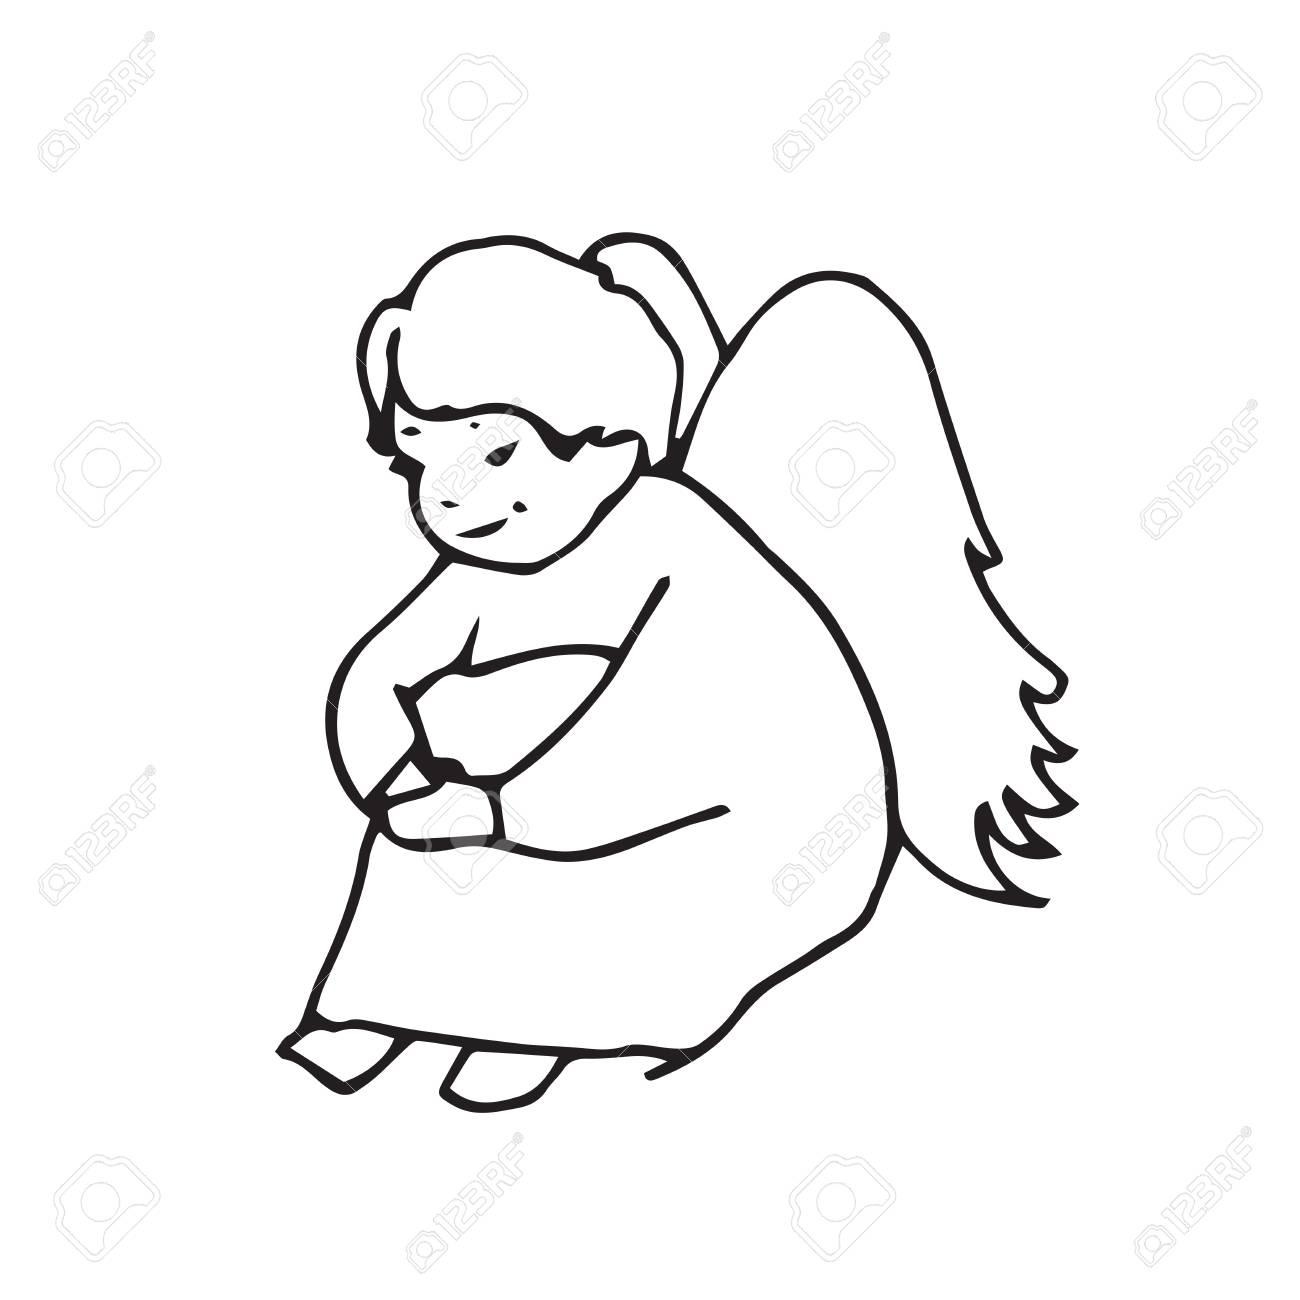 Dessin Ange Triste ange triste petit homme mignon. croquis de main-dessin graphique